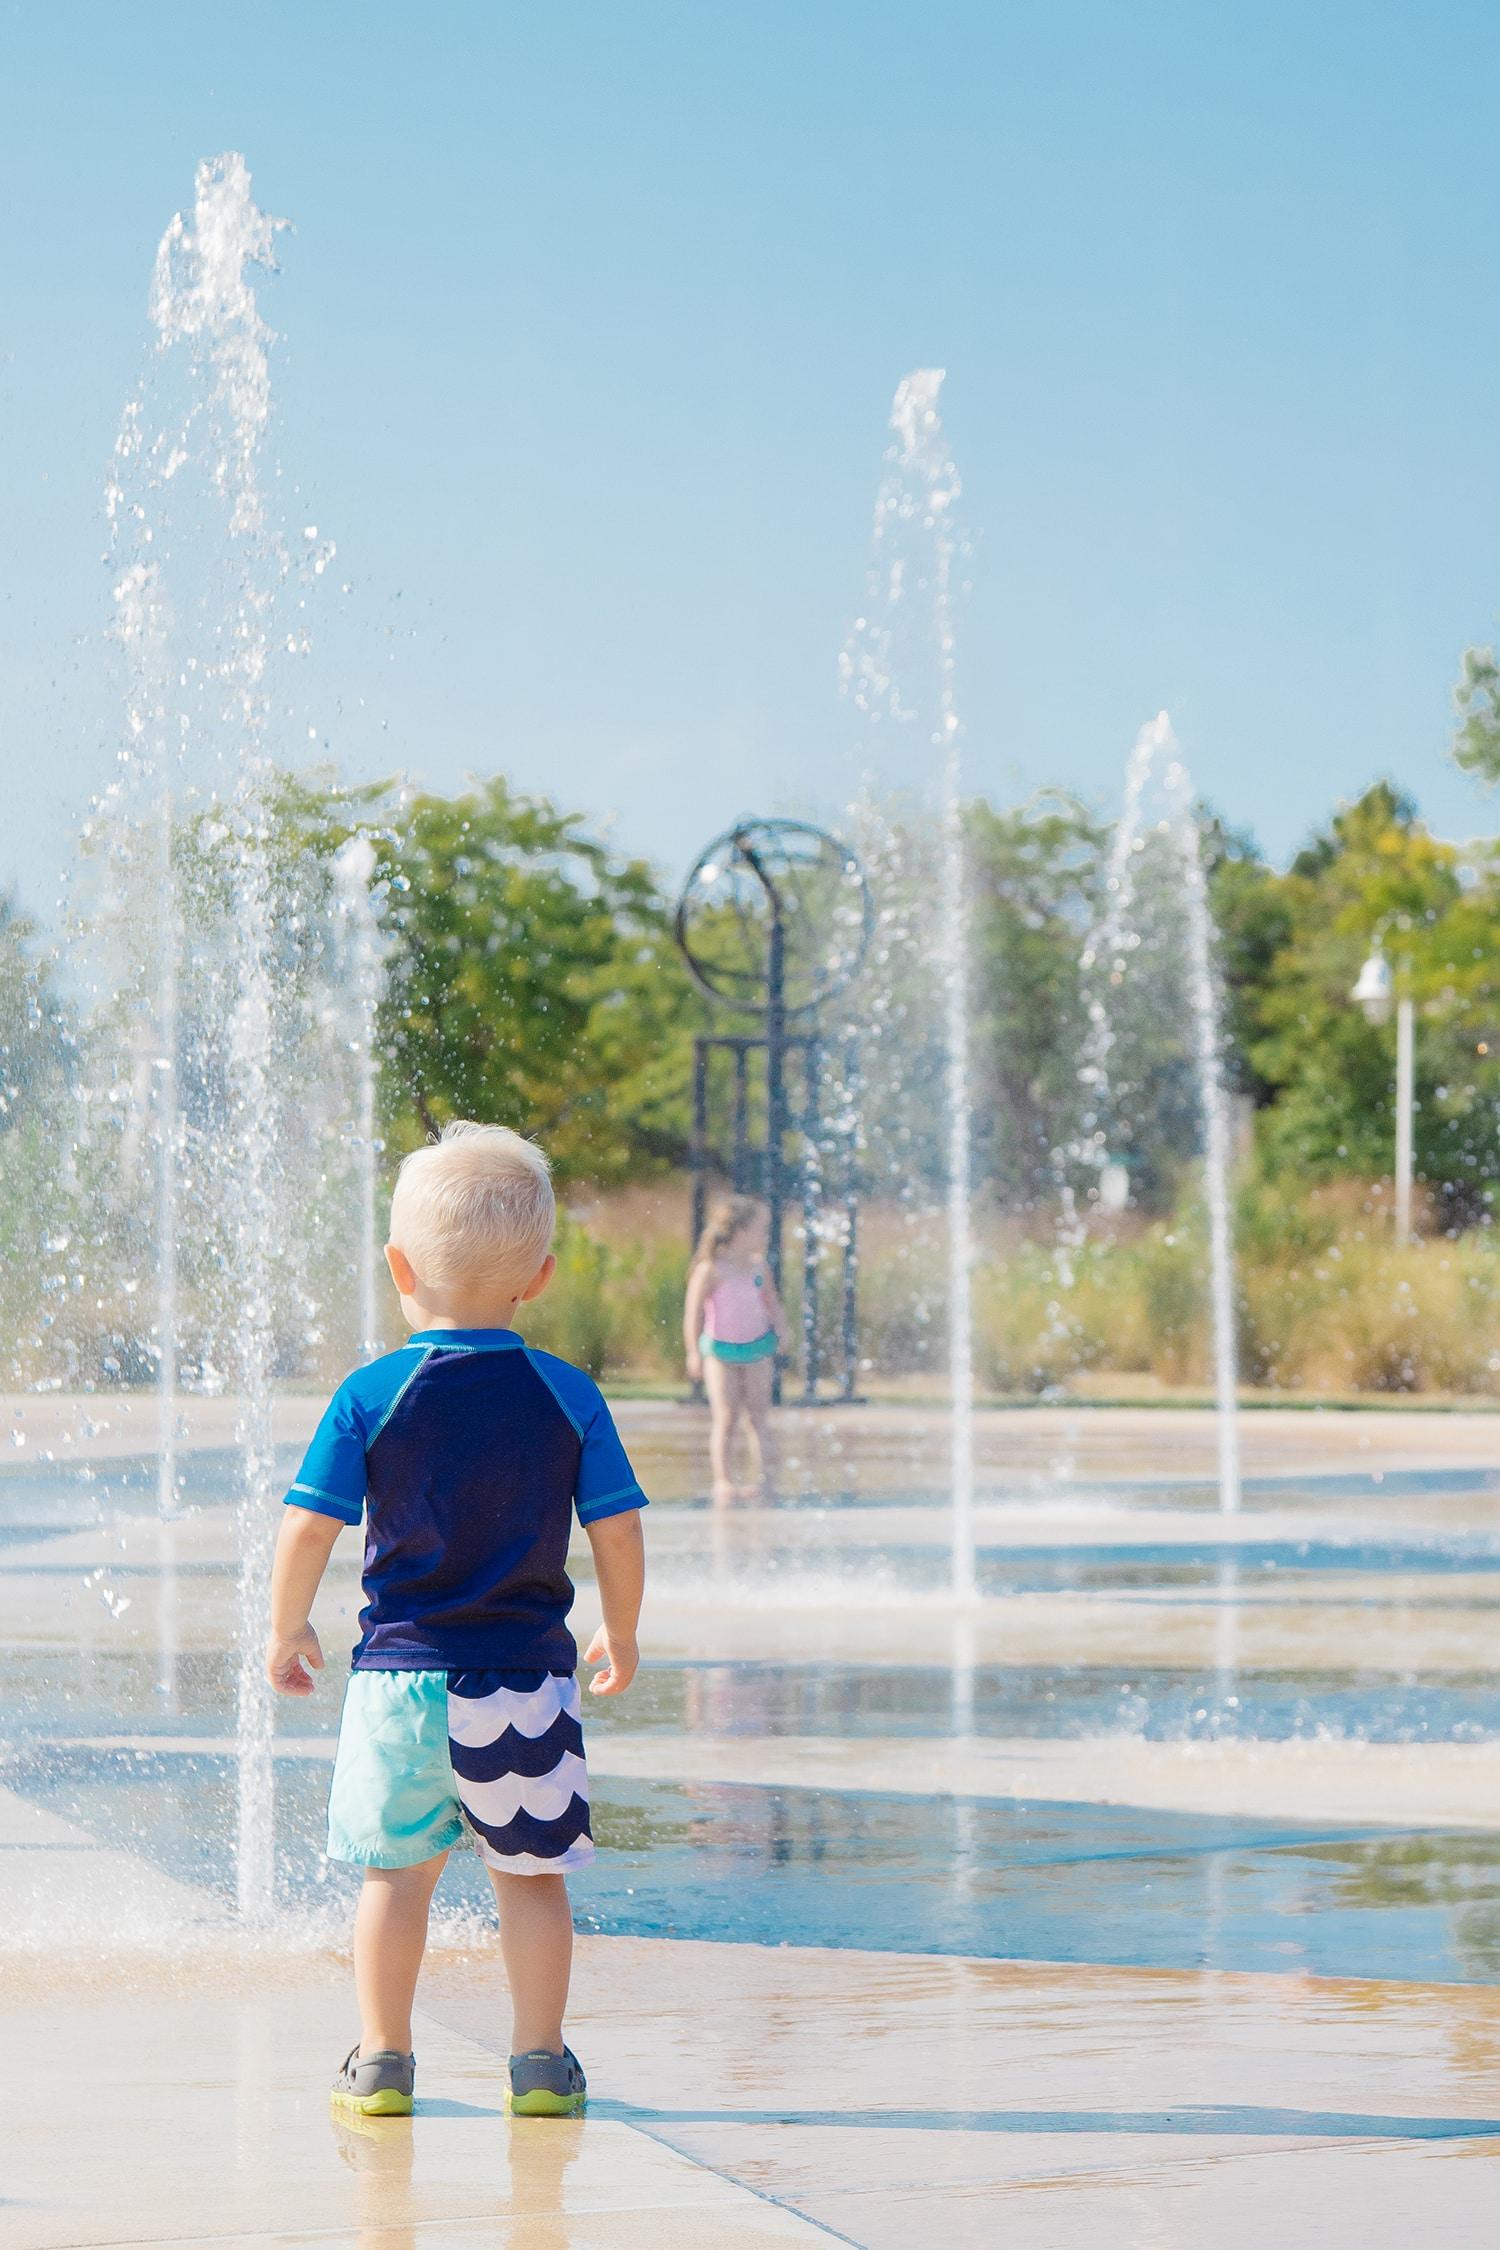 st joe waterpark shoot jmeyering creative - J.Meyering Creative